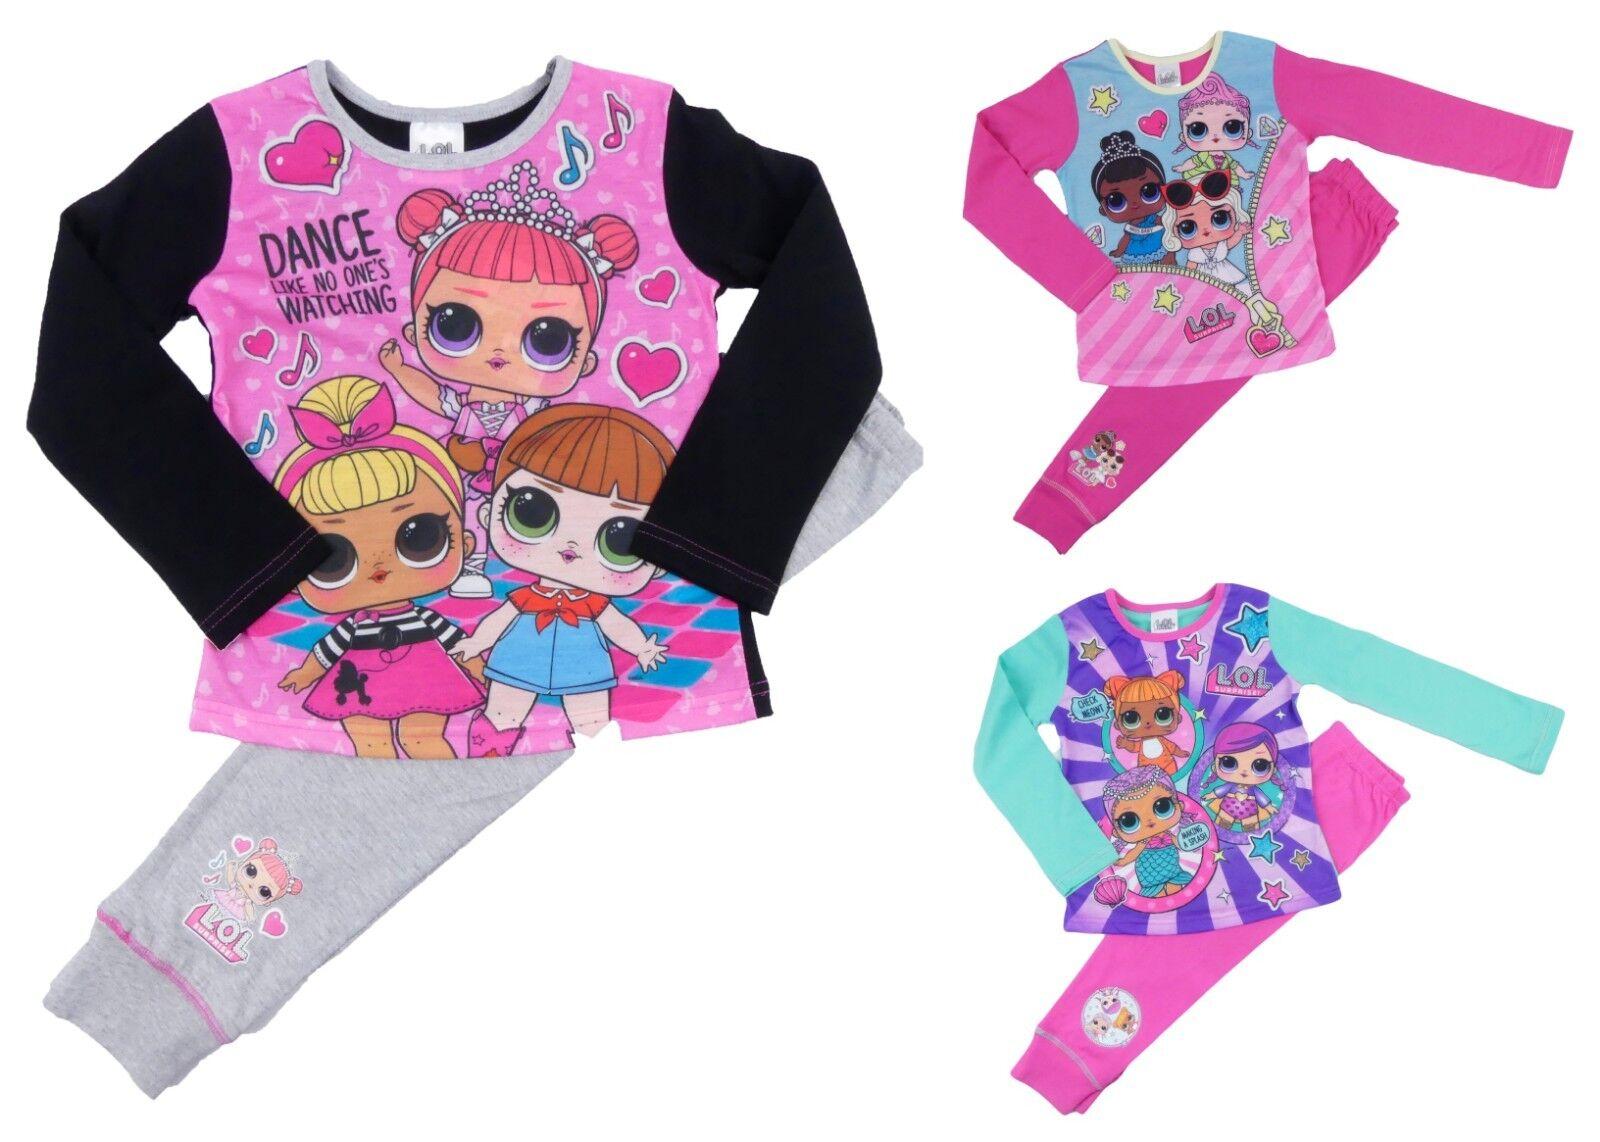 pjs 3-10yrs character nightwear L.O.L Girls LOL SURPRISE pyjamas